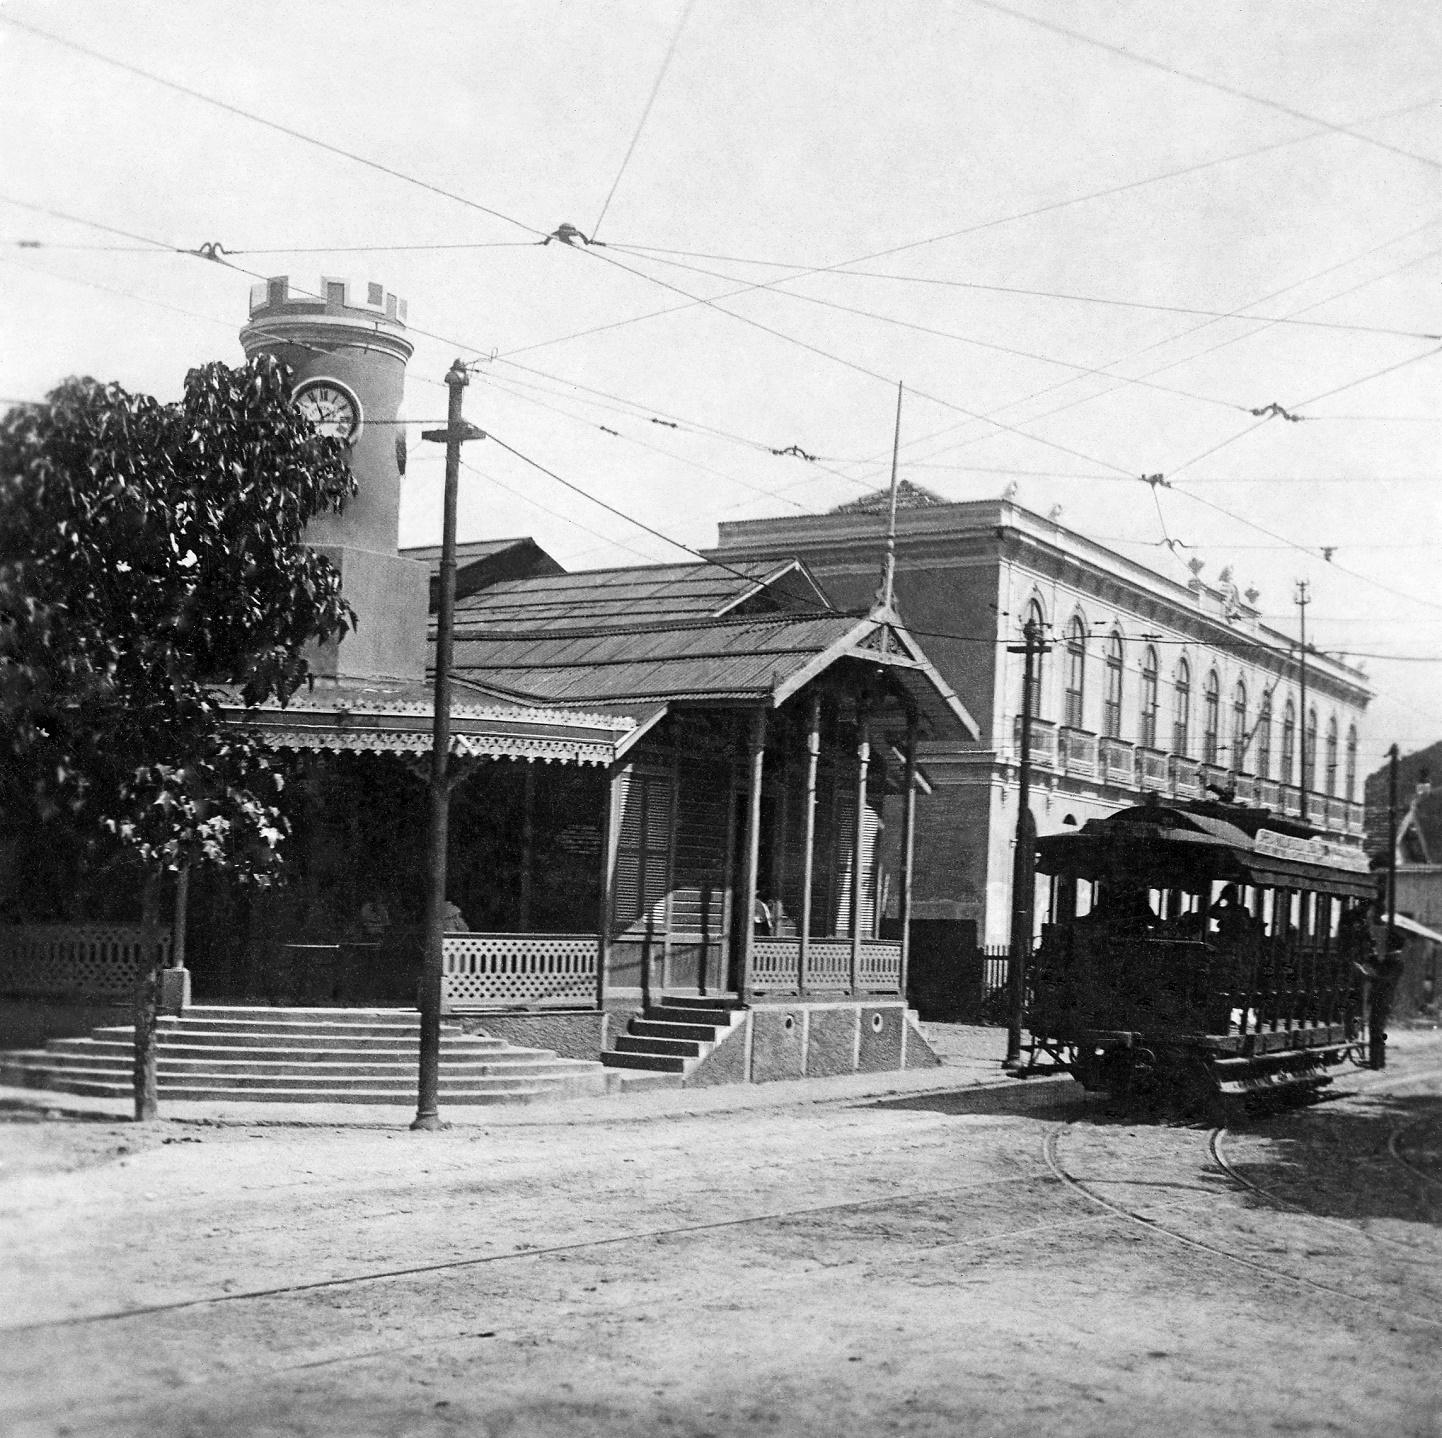 A antiga estação do bonde em Copacabana é uma das preciosas imagens do livro. Foto Divulgação